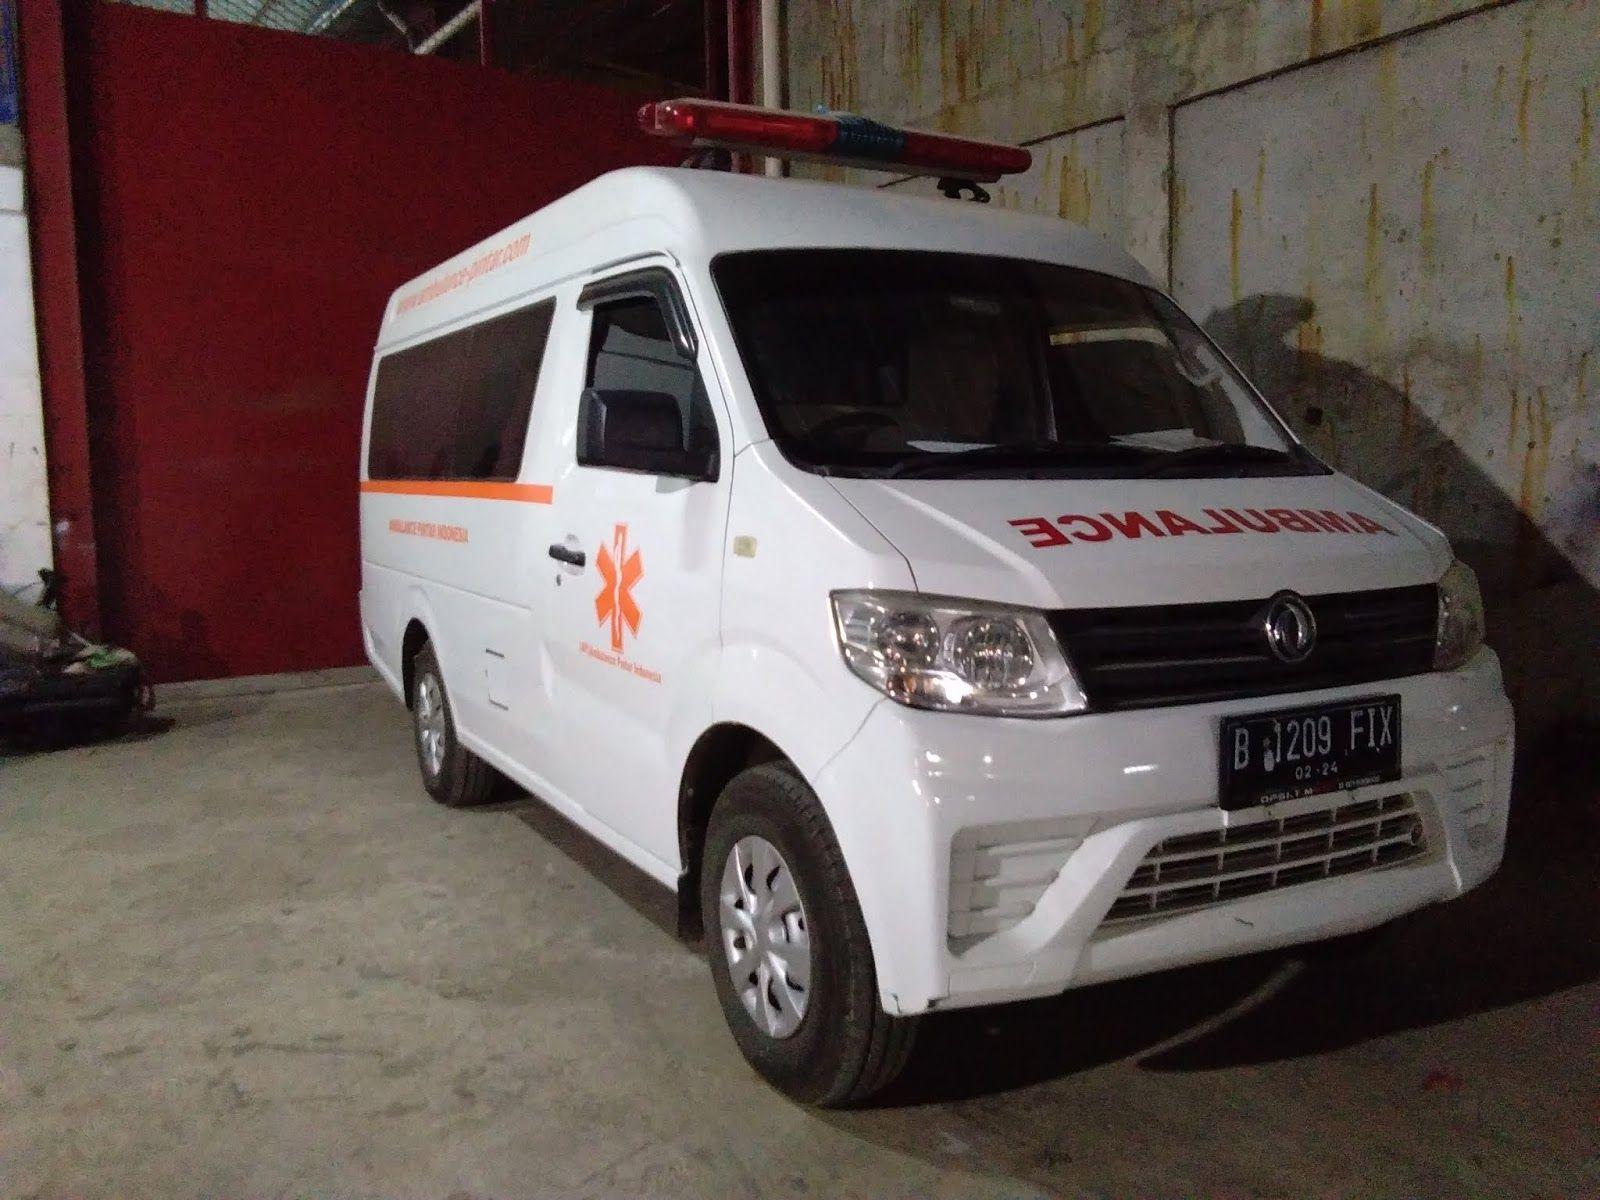 Ambulance Berlian Agen Mobil Ambulance Penyedia Ambulance Desa Siaga 081284074126 Ambulans Mobil Pedesaan